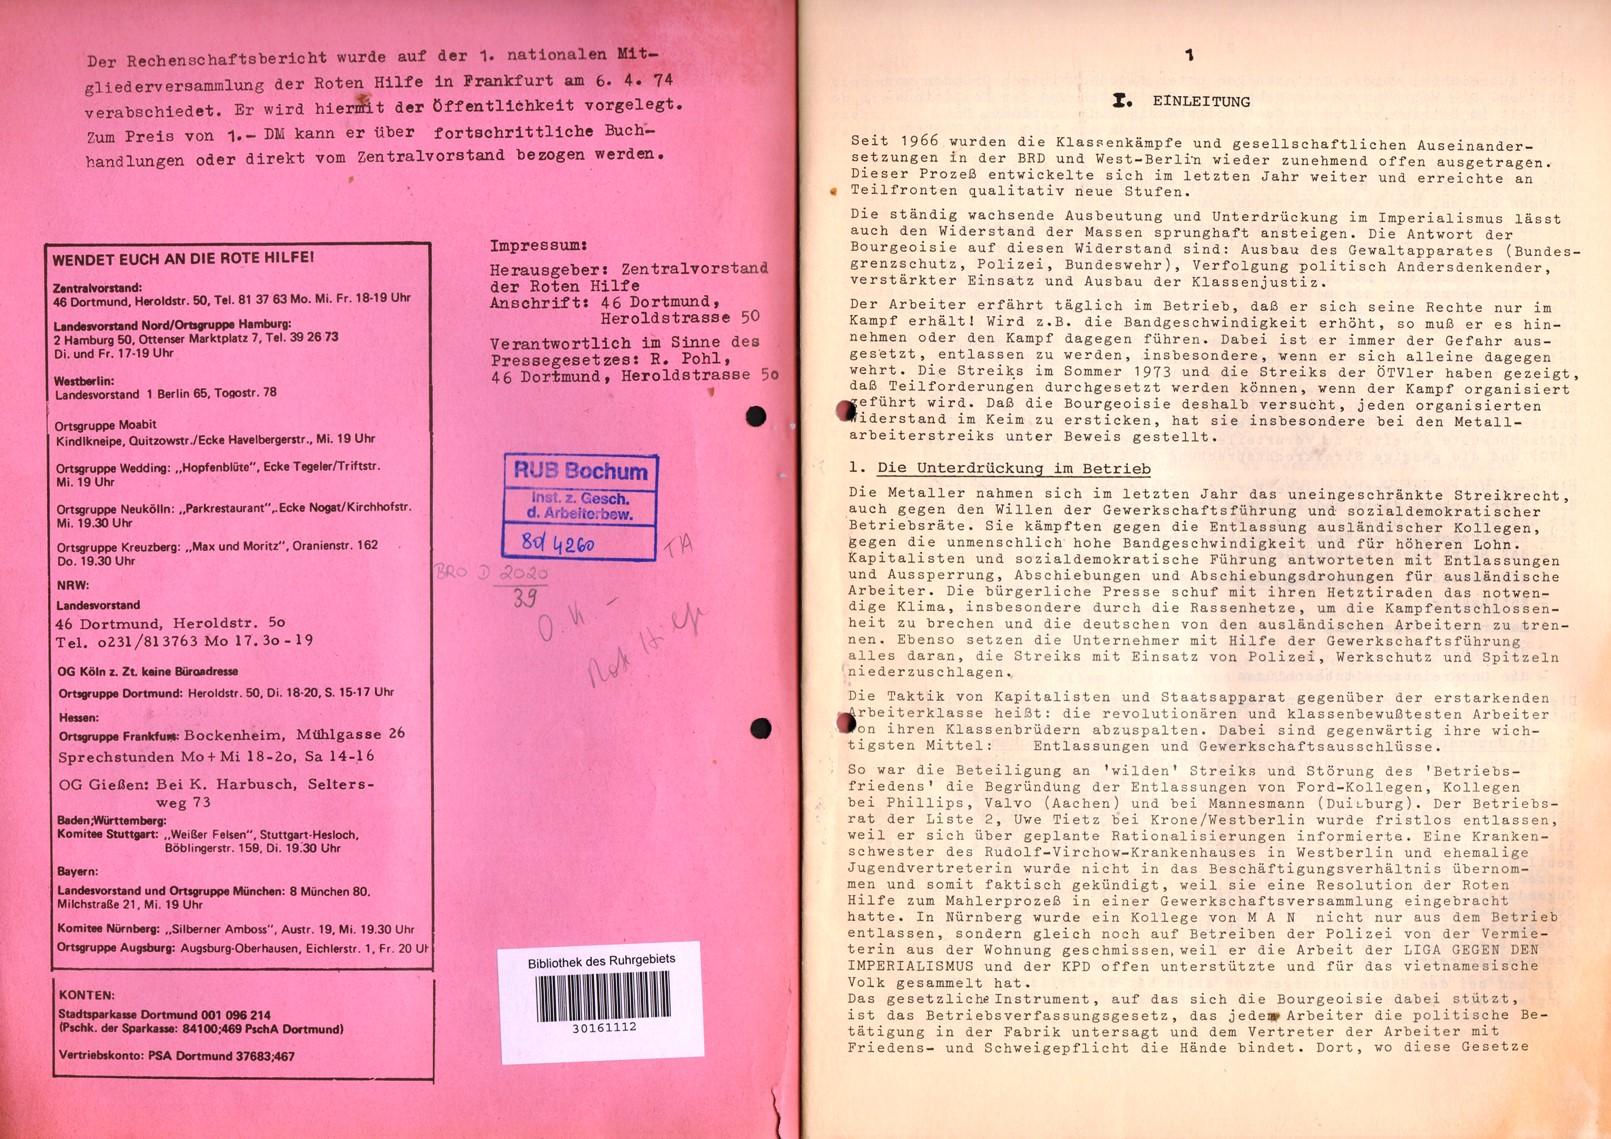 Dortmund_RHev_1974_Rechenschaftsbericht_02